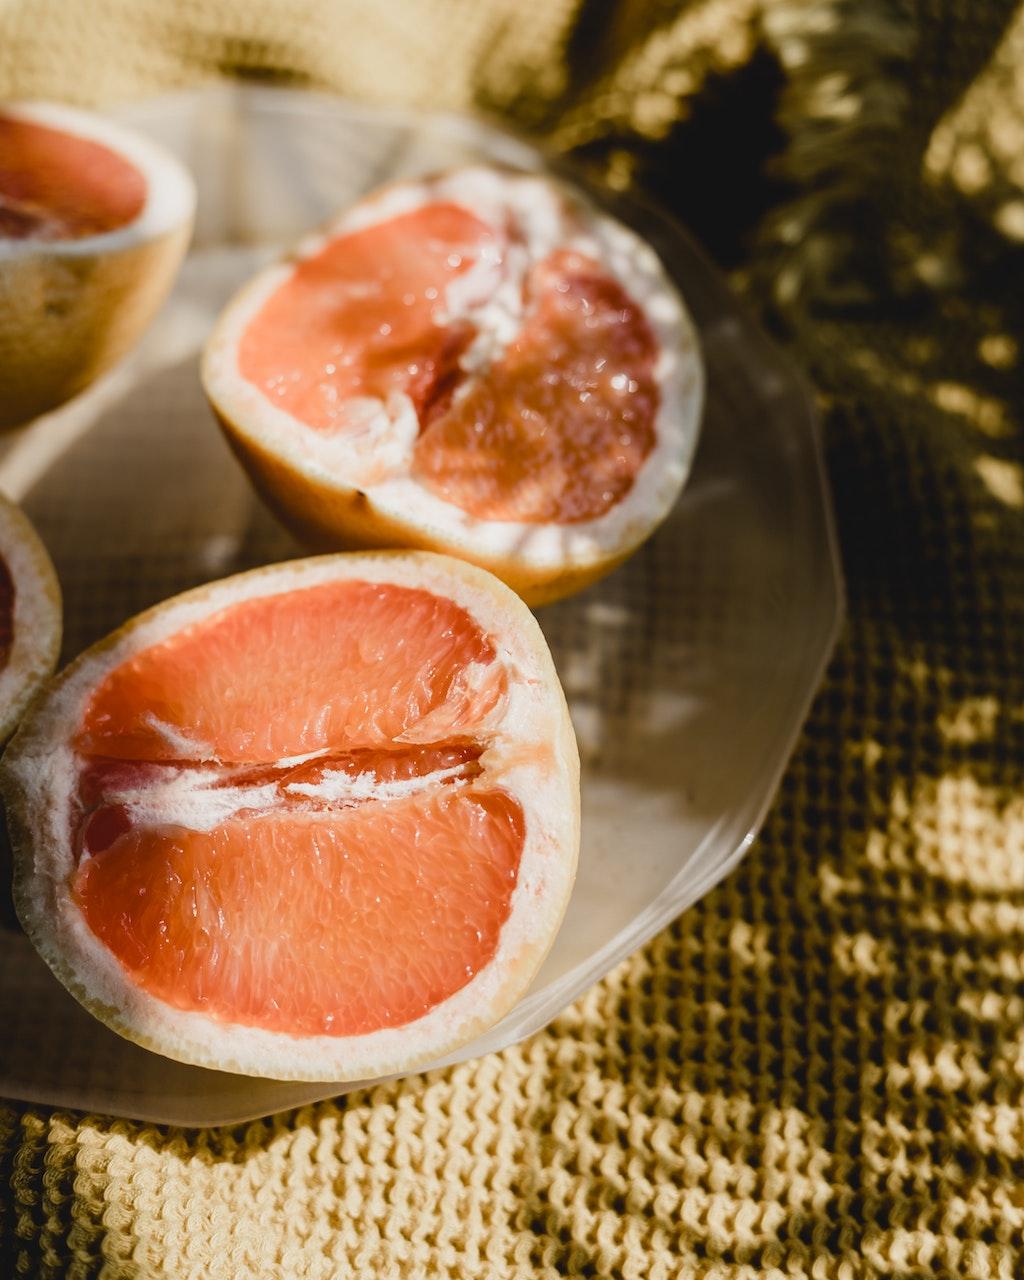 Λαχταριστό smoothie με γκρέιπφρουτ ό,τι πρέπει για καύση λίπους